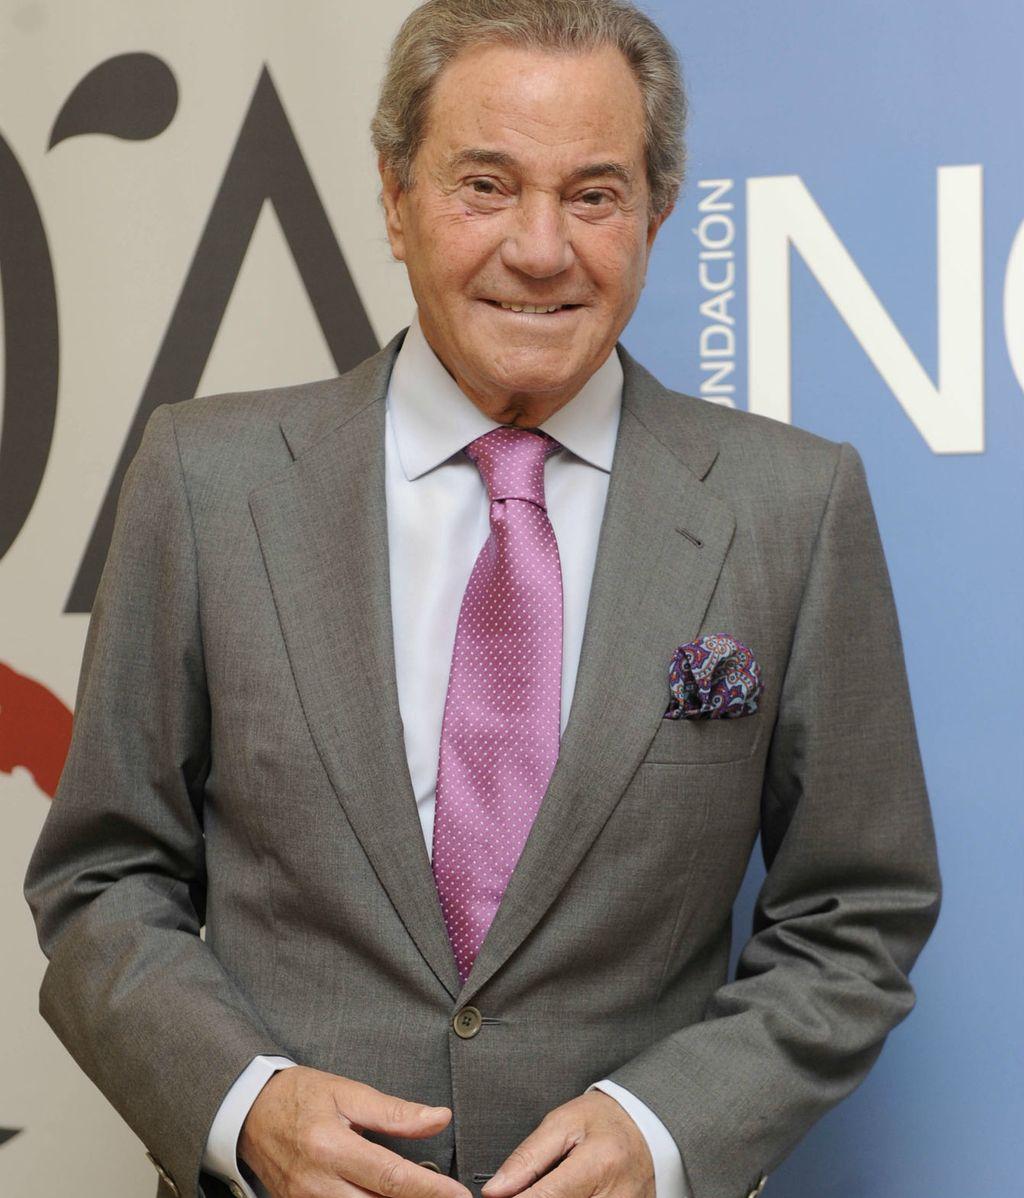 Arturo Fdez